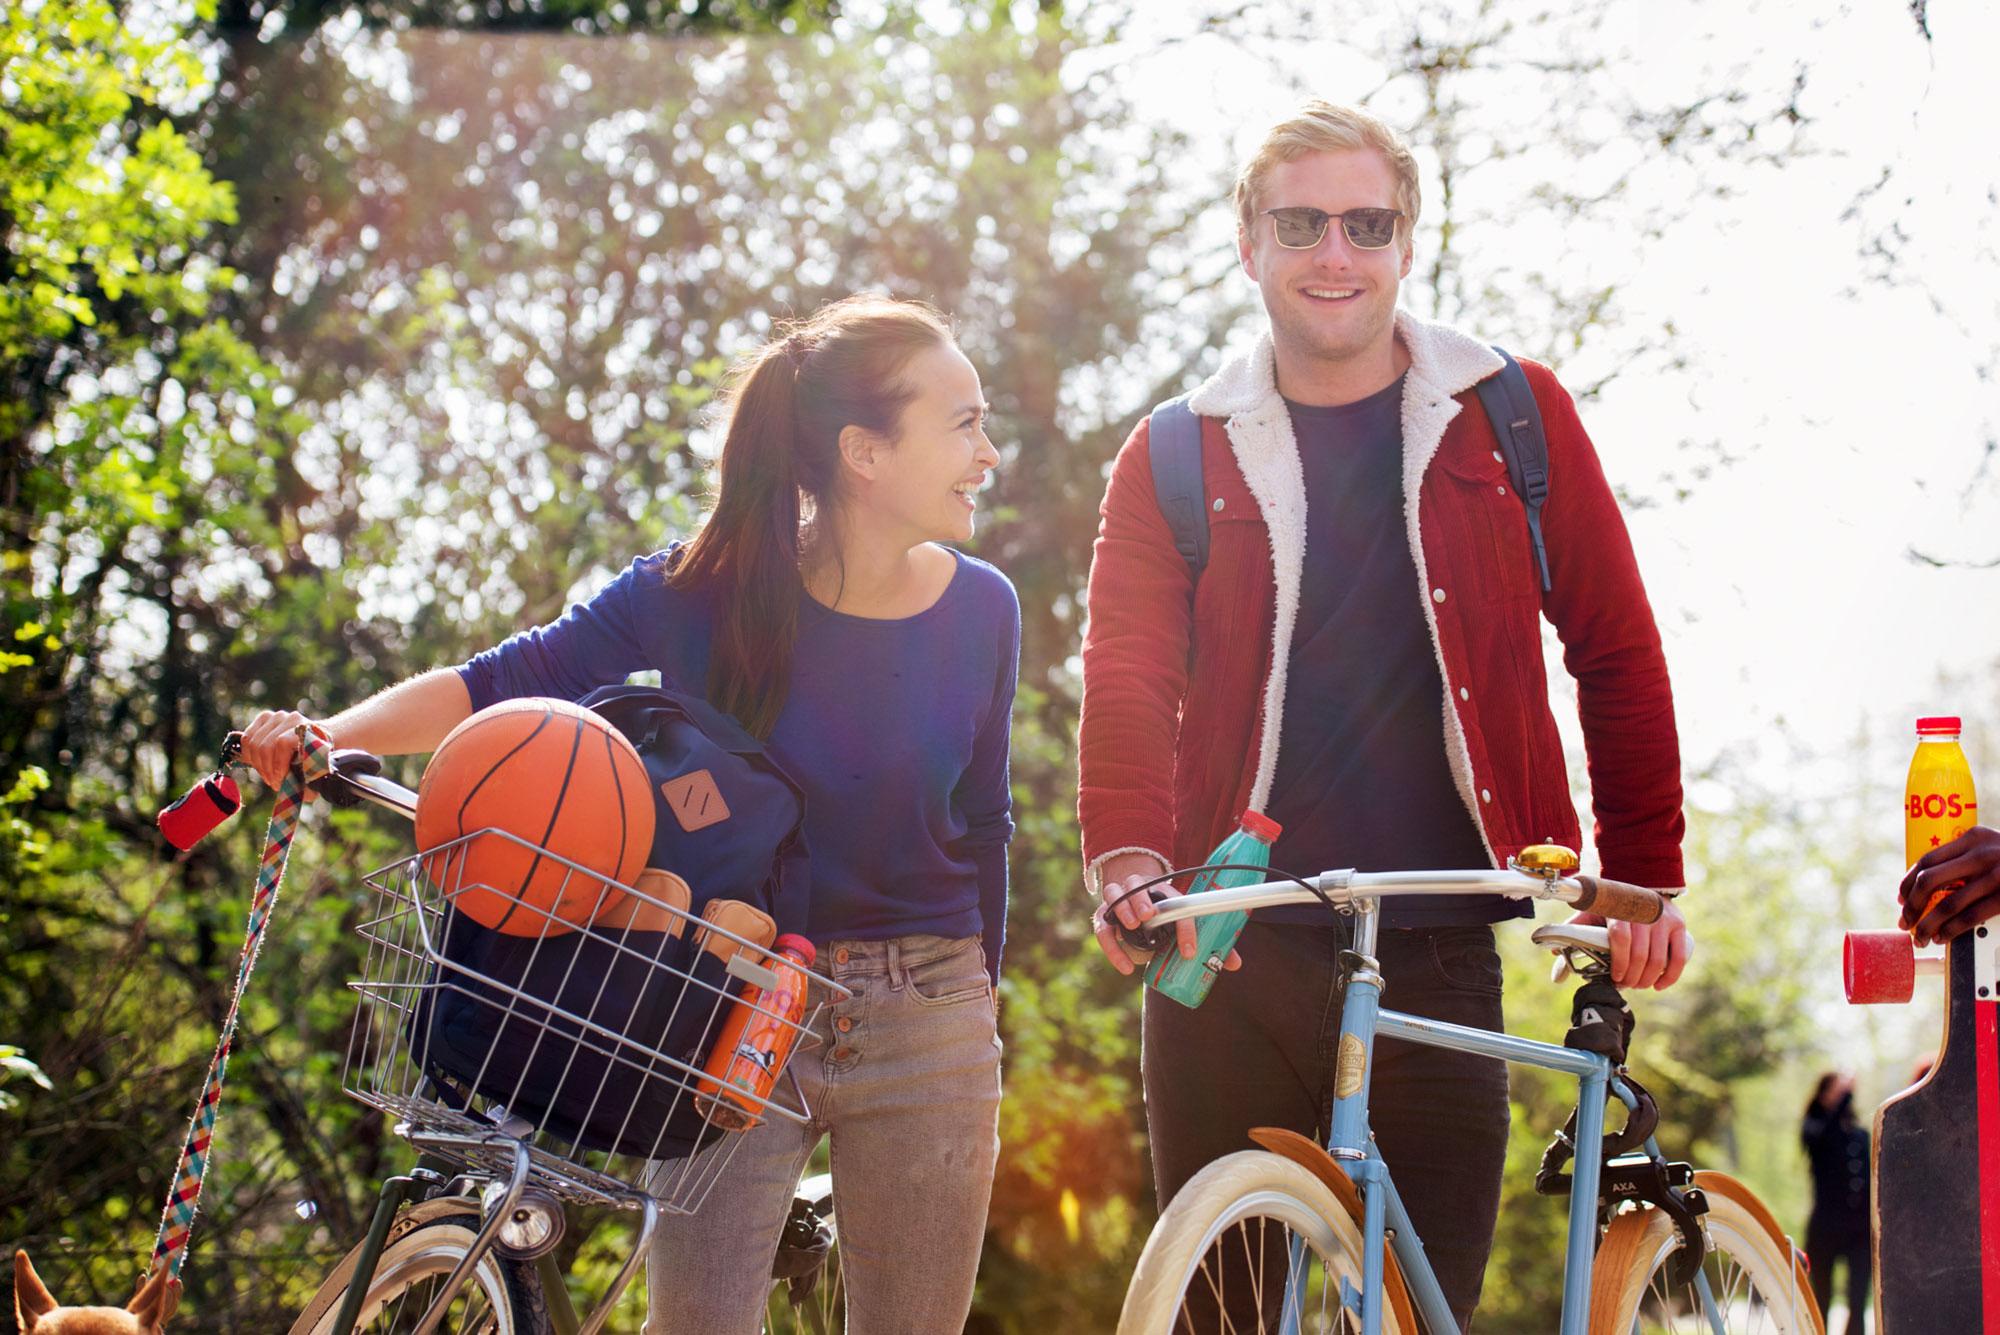 Home // BOS bike